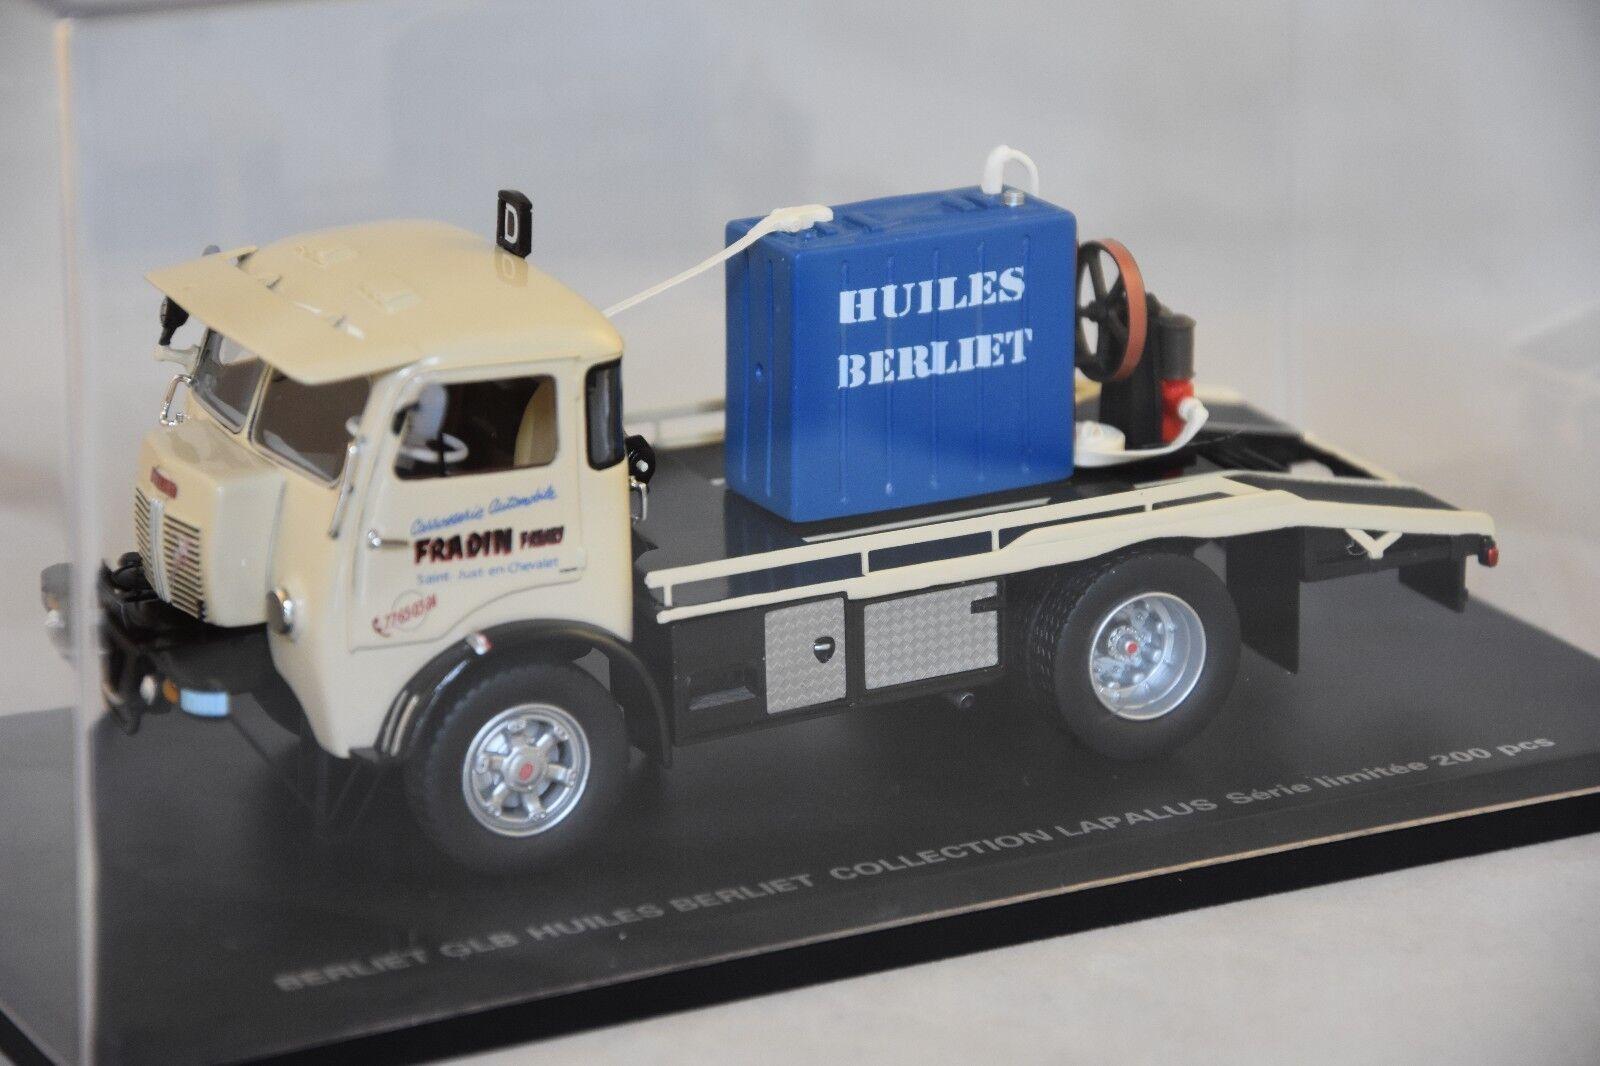 PERFEX 901 BERLIET GLB 18 4x4 HUILES BERLIET collection LAPALUS  1/43 | Outlet Shop En Ligne